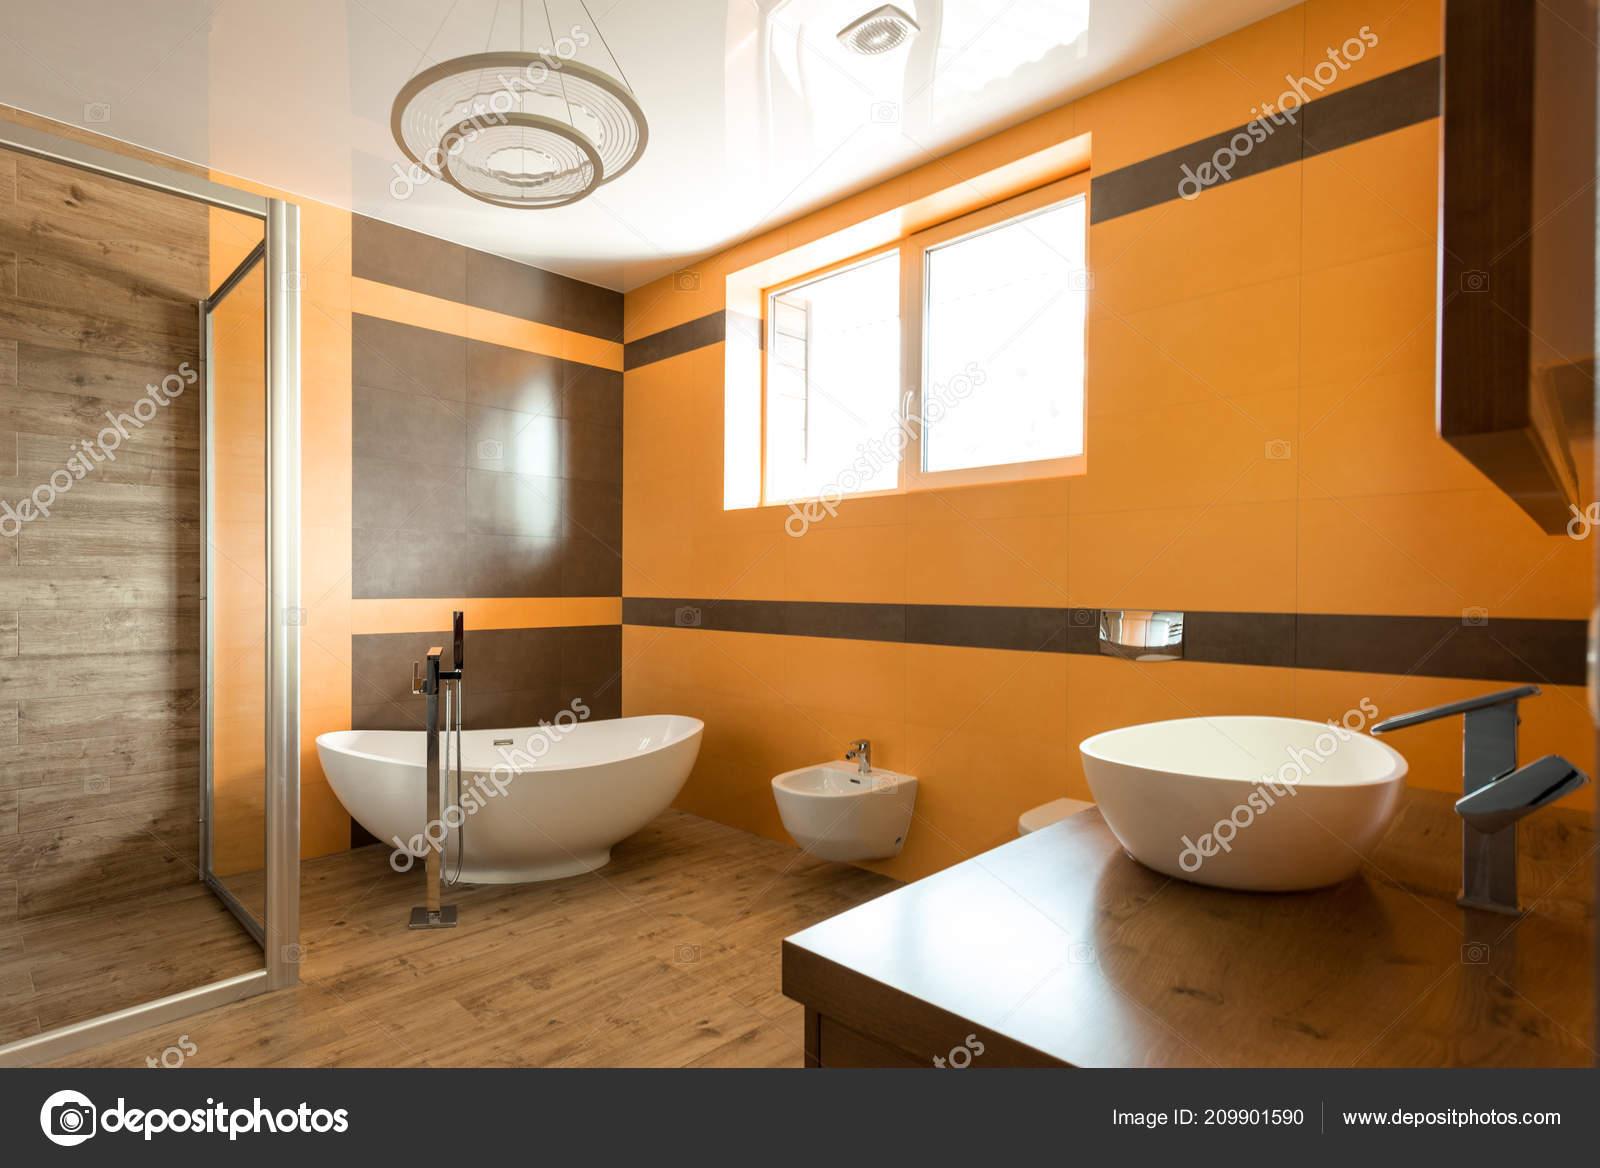 Intérieur Salle Bains Couleurs Orange Blanches Avec Une ...